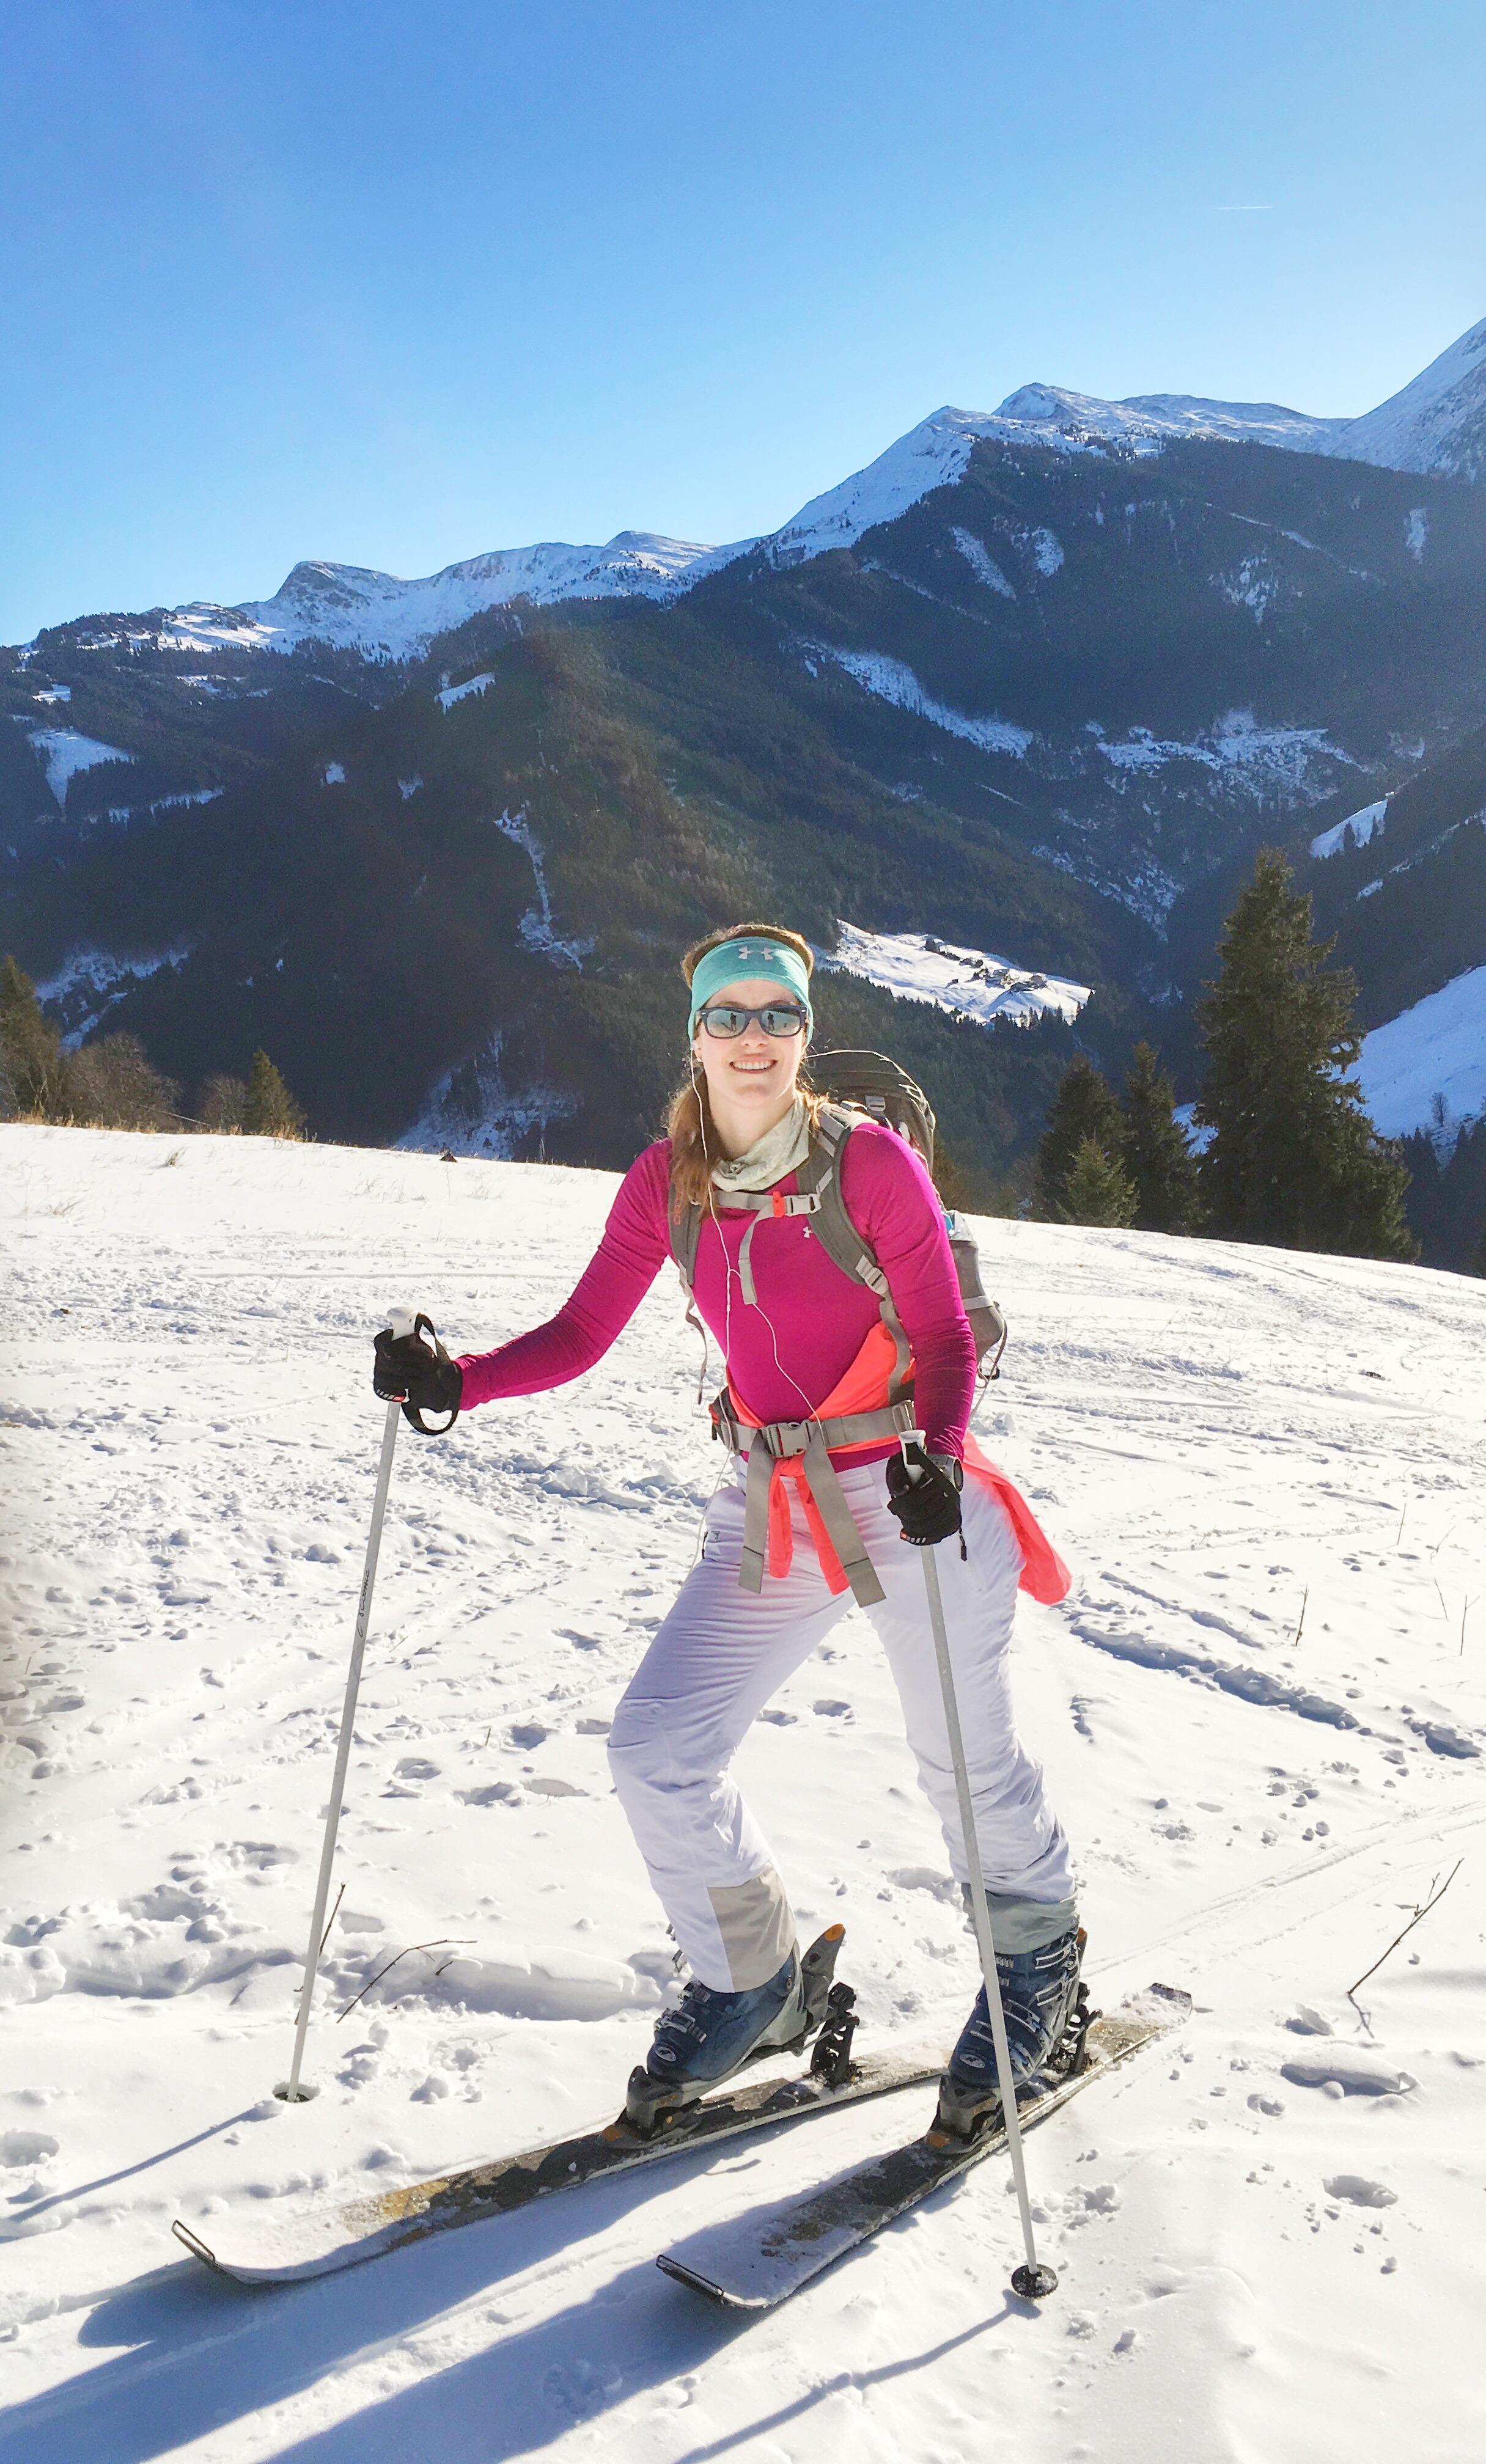 Aerial Spartan ski touring